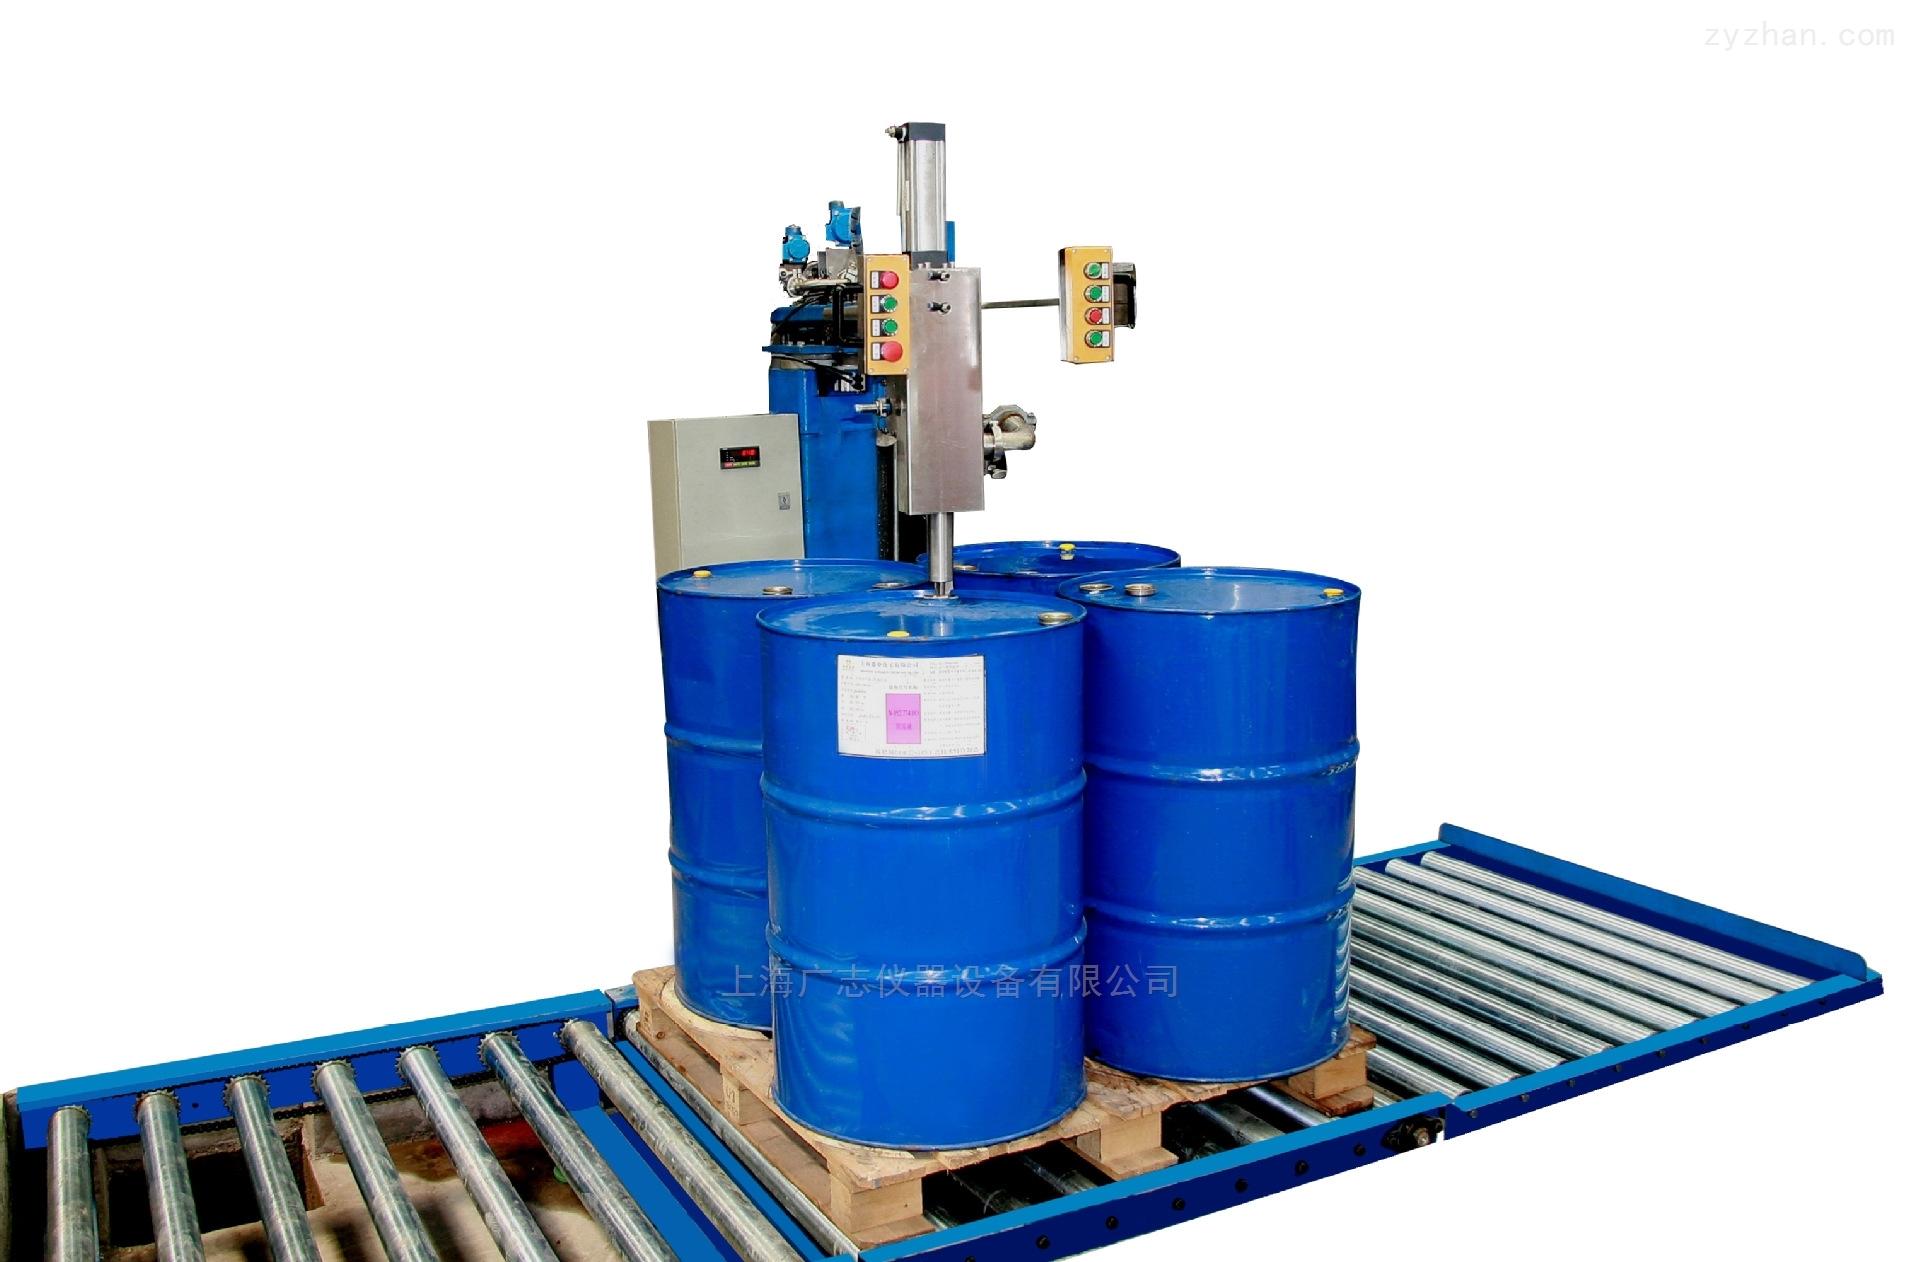 摆臂式灌装机-摇臂式称重灌装机 4个200升桶包装机